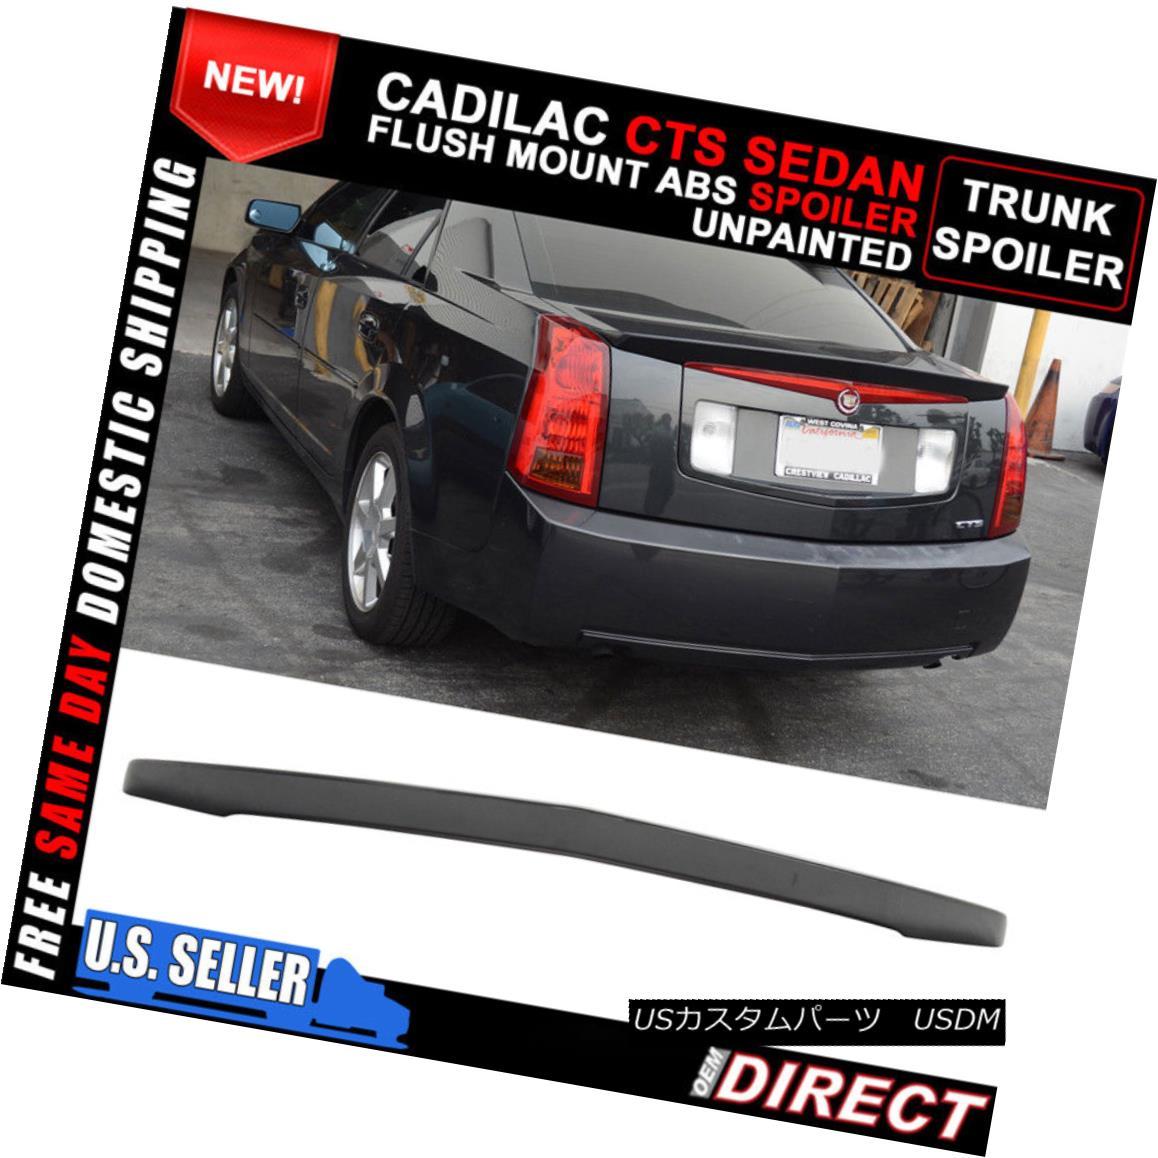 エアロパーツ 03-07 Cadillac CTS Sedan Flush Mount OE Factory Rear Spoiler ABS Decklid Wing 03-07キャデラックCTSセダンフラッシュマウントOE工場リアスポイラーABSデクライドウイング